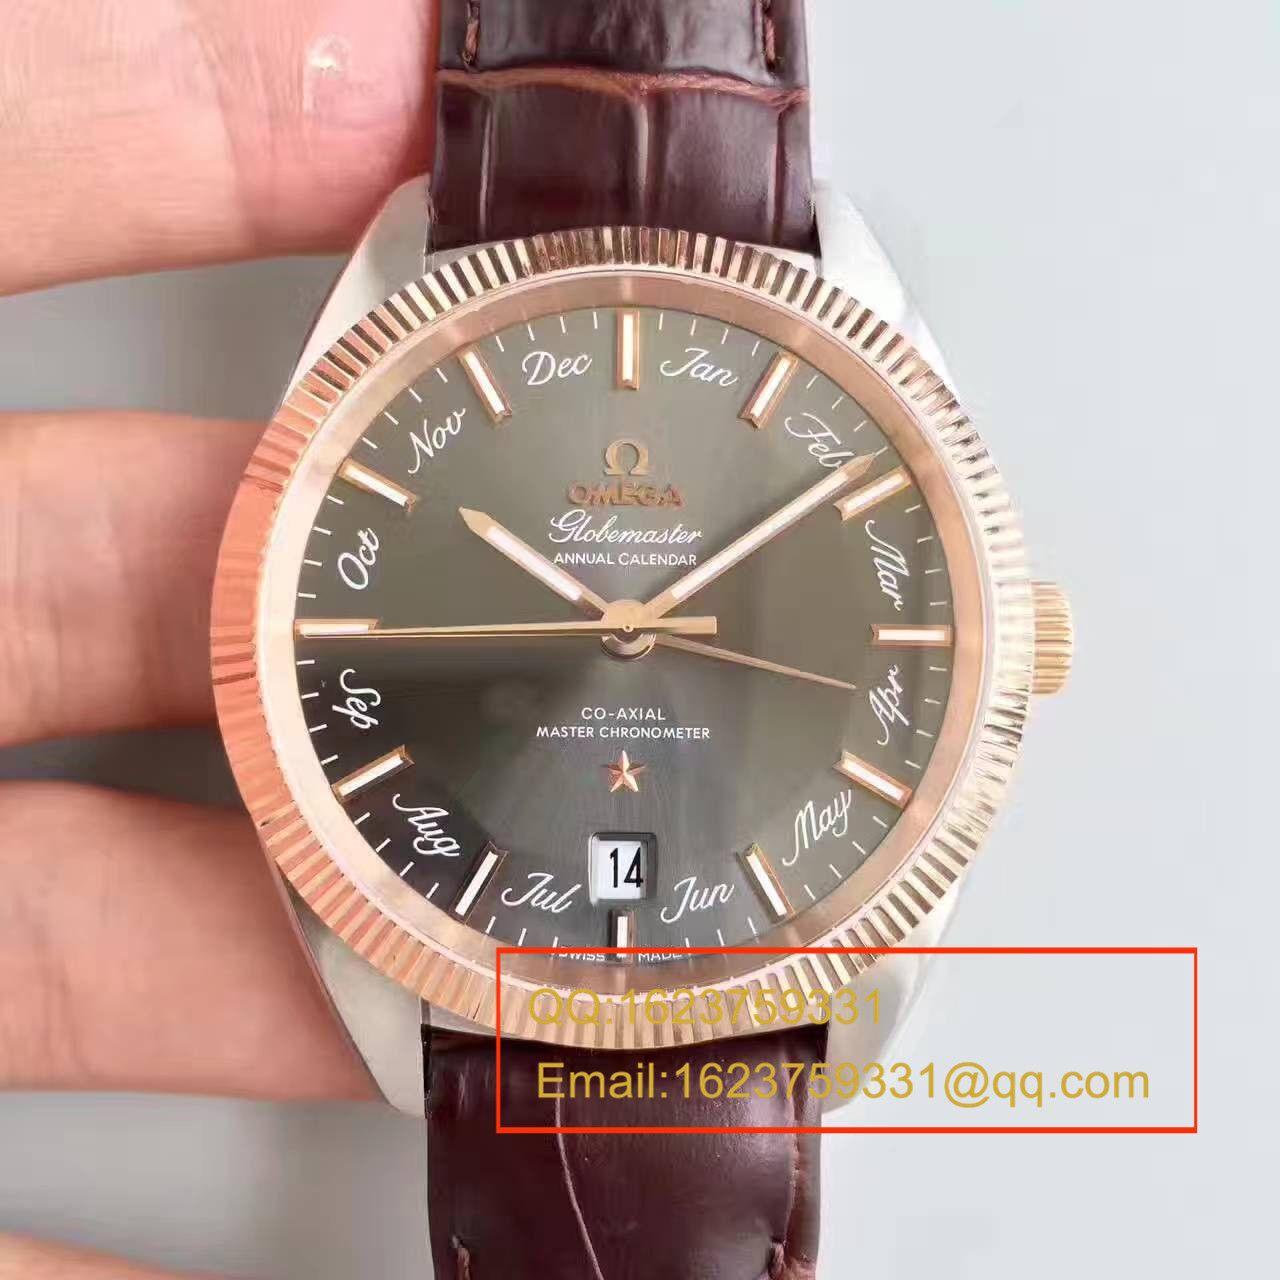 【OF厂顶级复刻手表】欧米茄星座系列130.23.41.22.06.001尊霸年历腕表 / MBA295